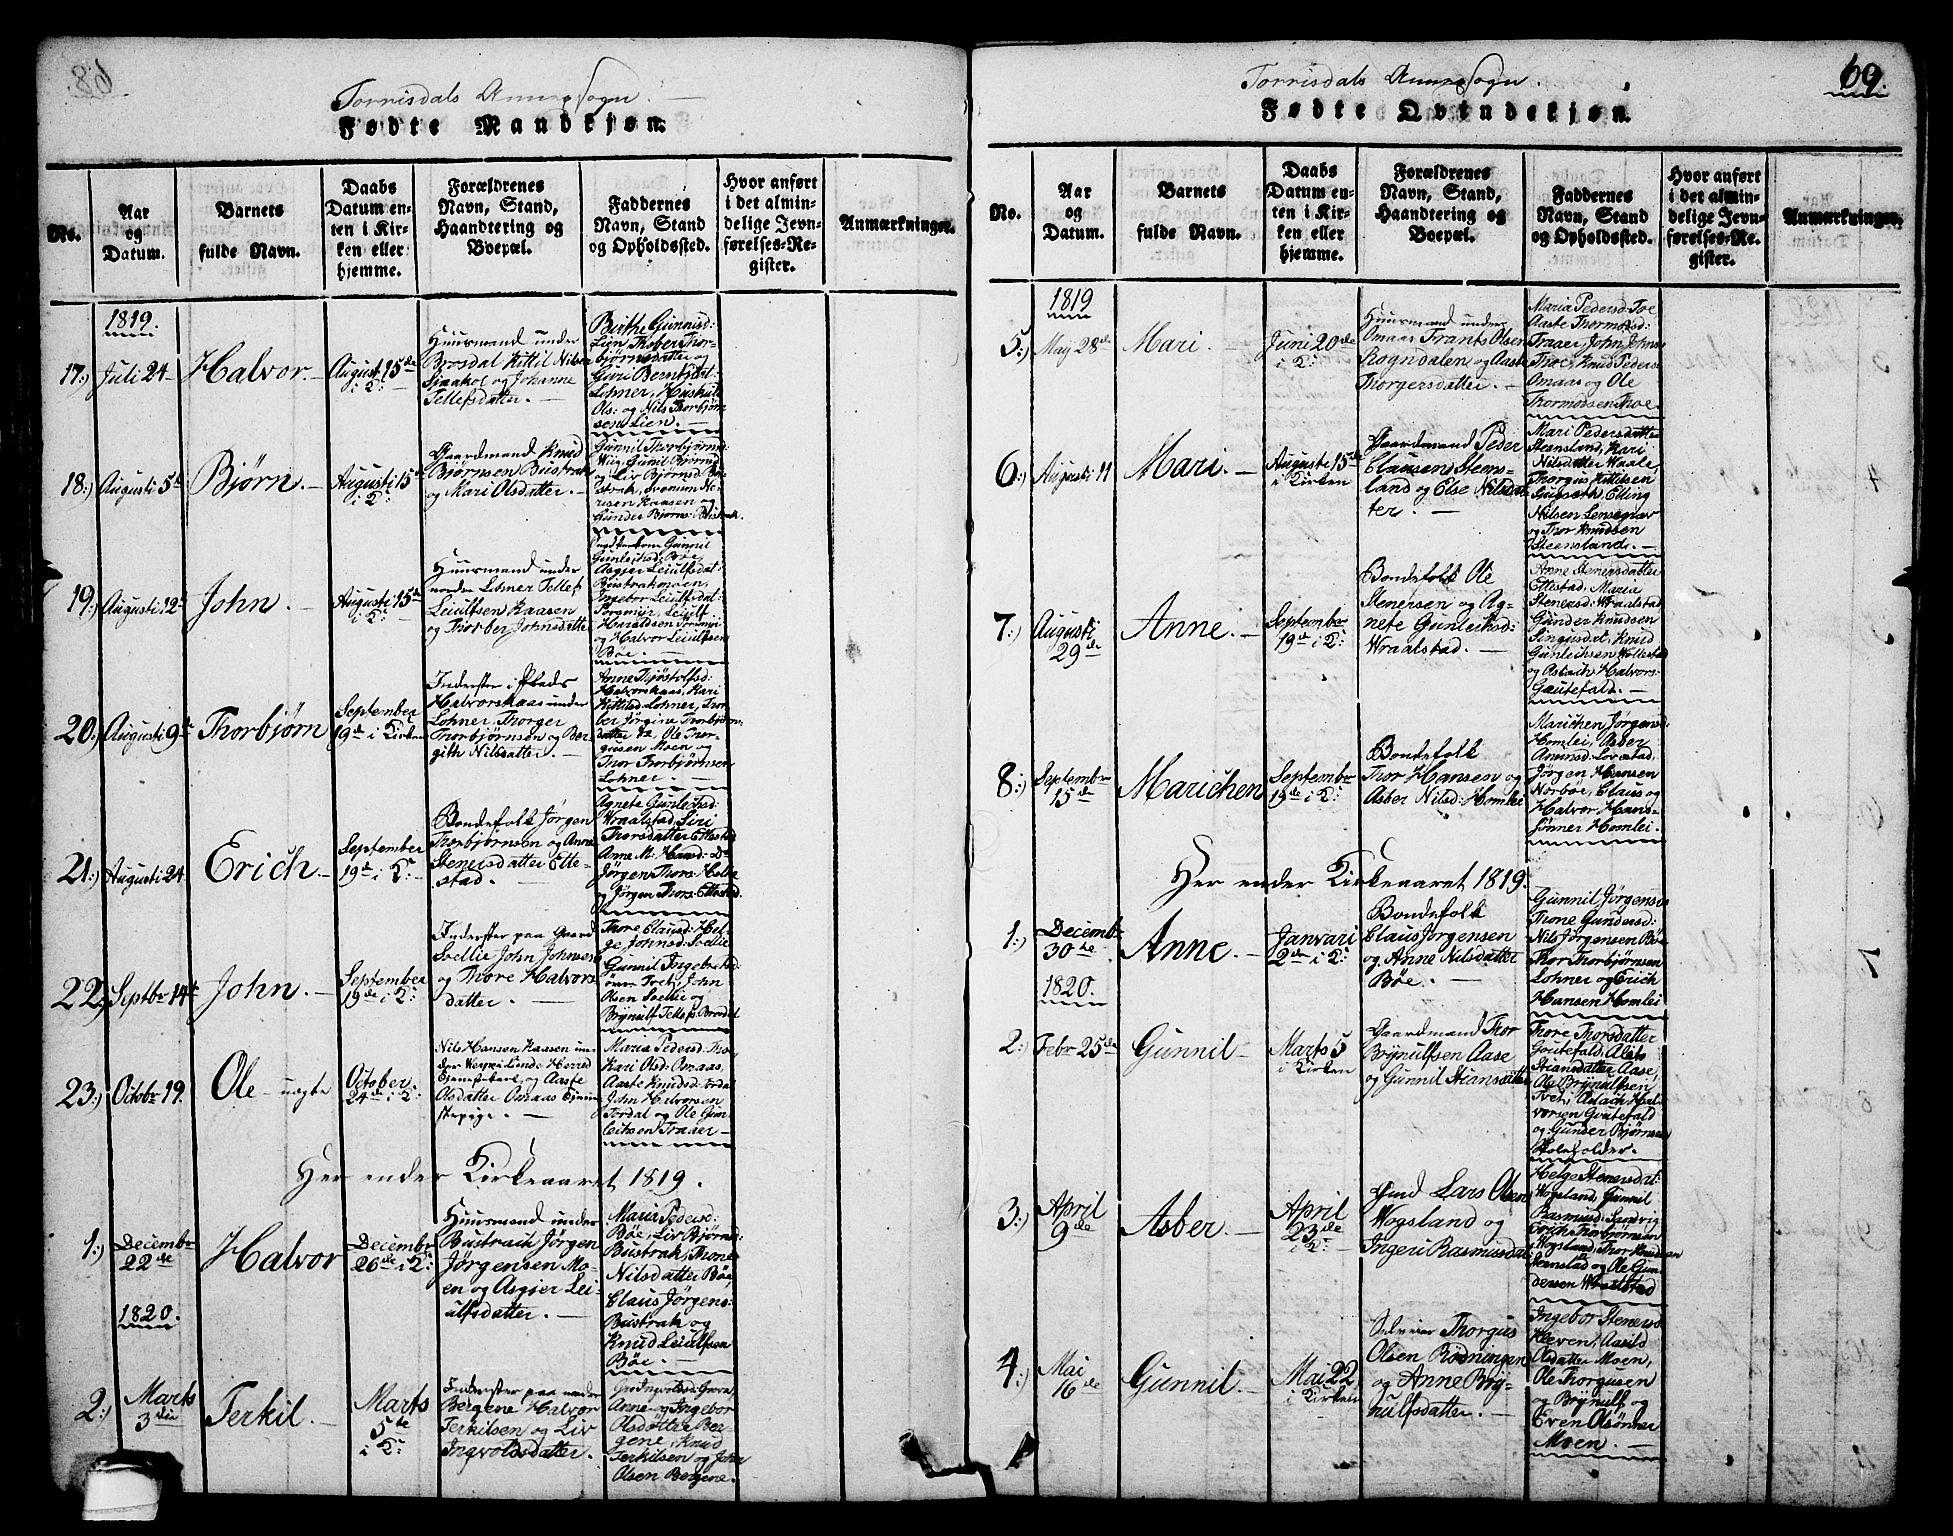 SAKO, Drangedal kirkebøker, G/Ga/L0001: Klokkerbok nr. I 1 /2, 1814-1856, s. 69